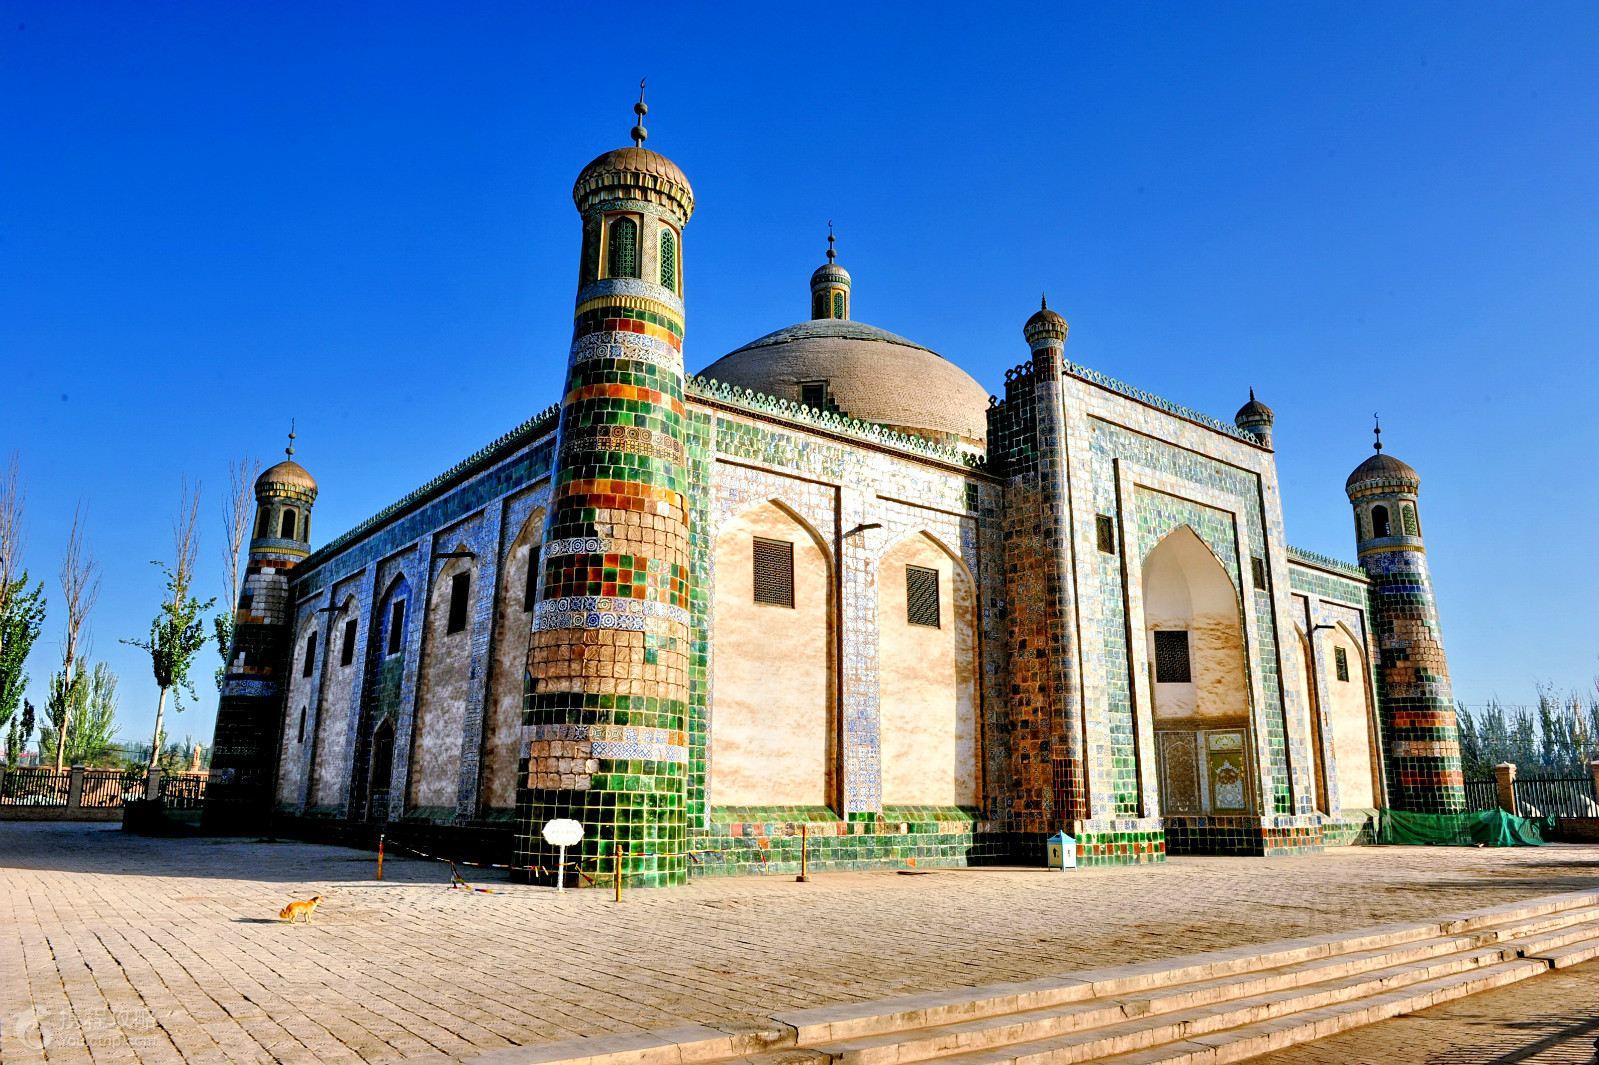 乌鲁木齐+喀什市+布尔津+喀纳斯+吐鲁番+天山天池9日